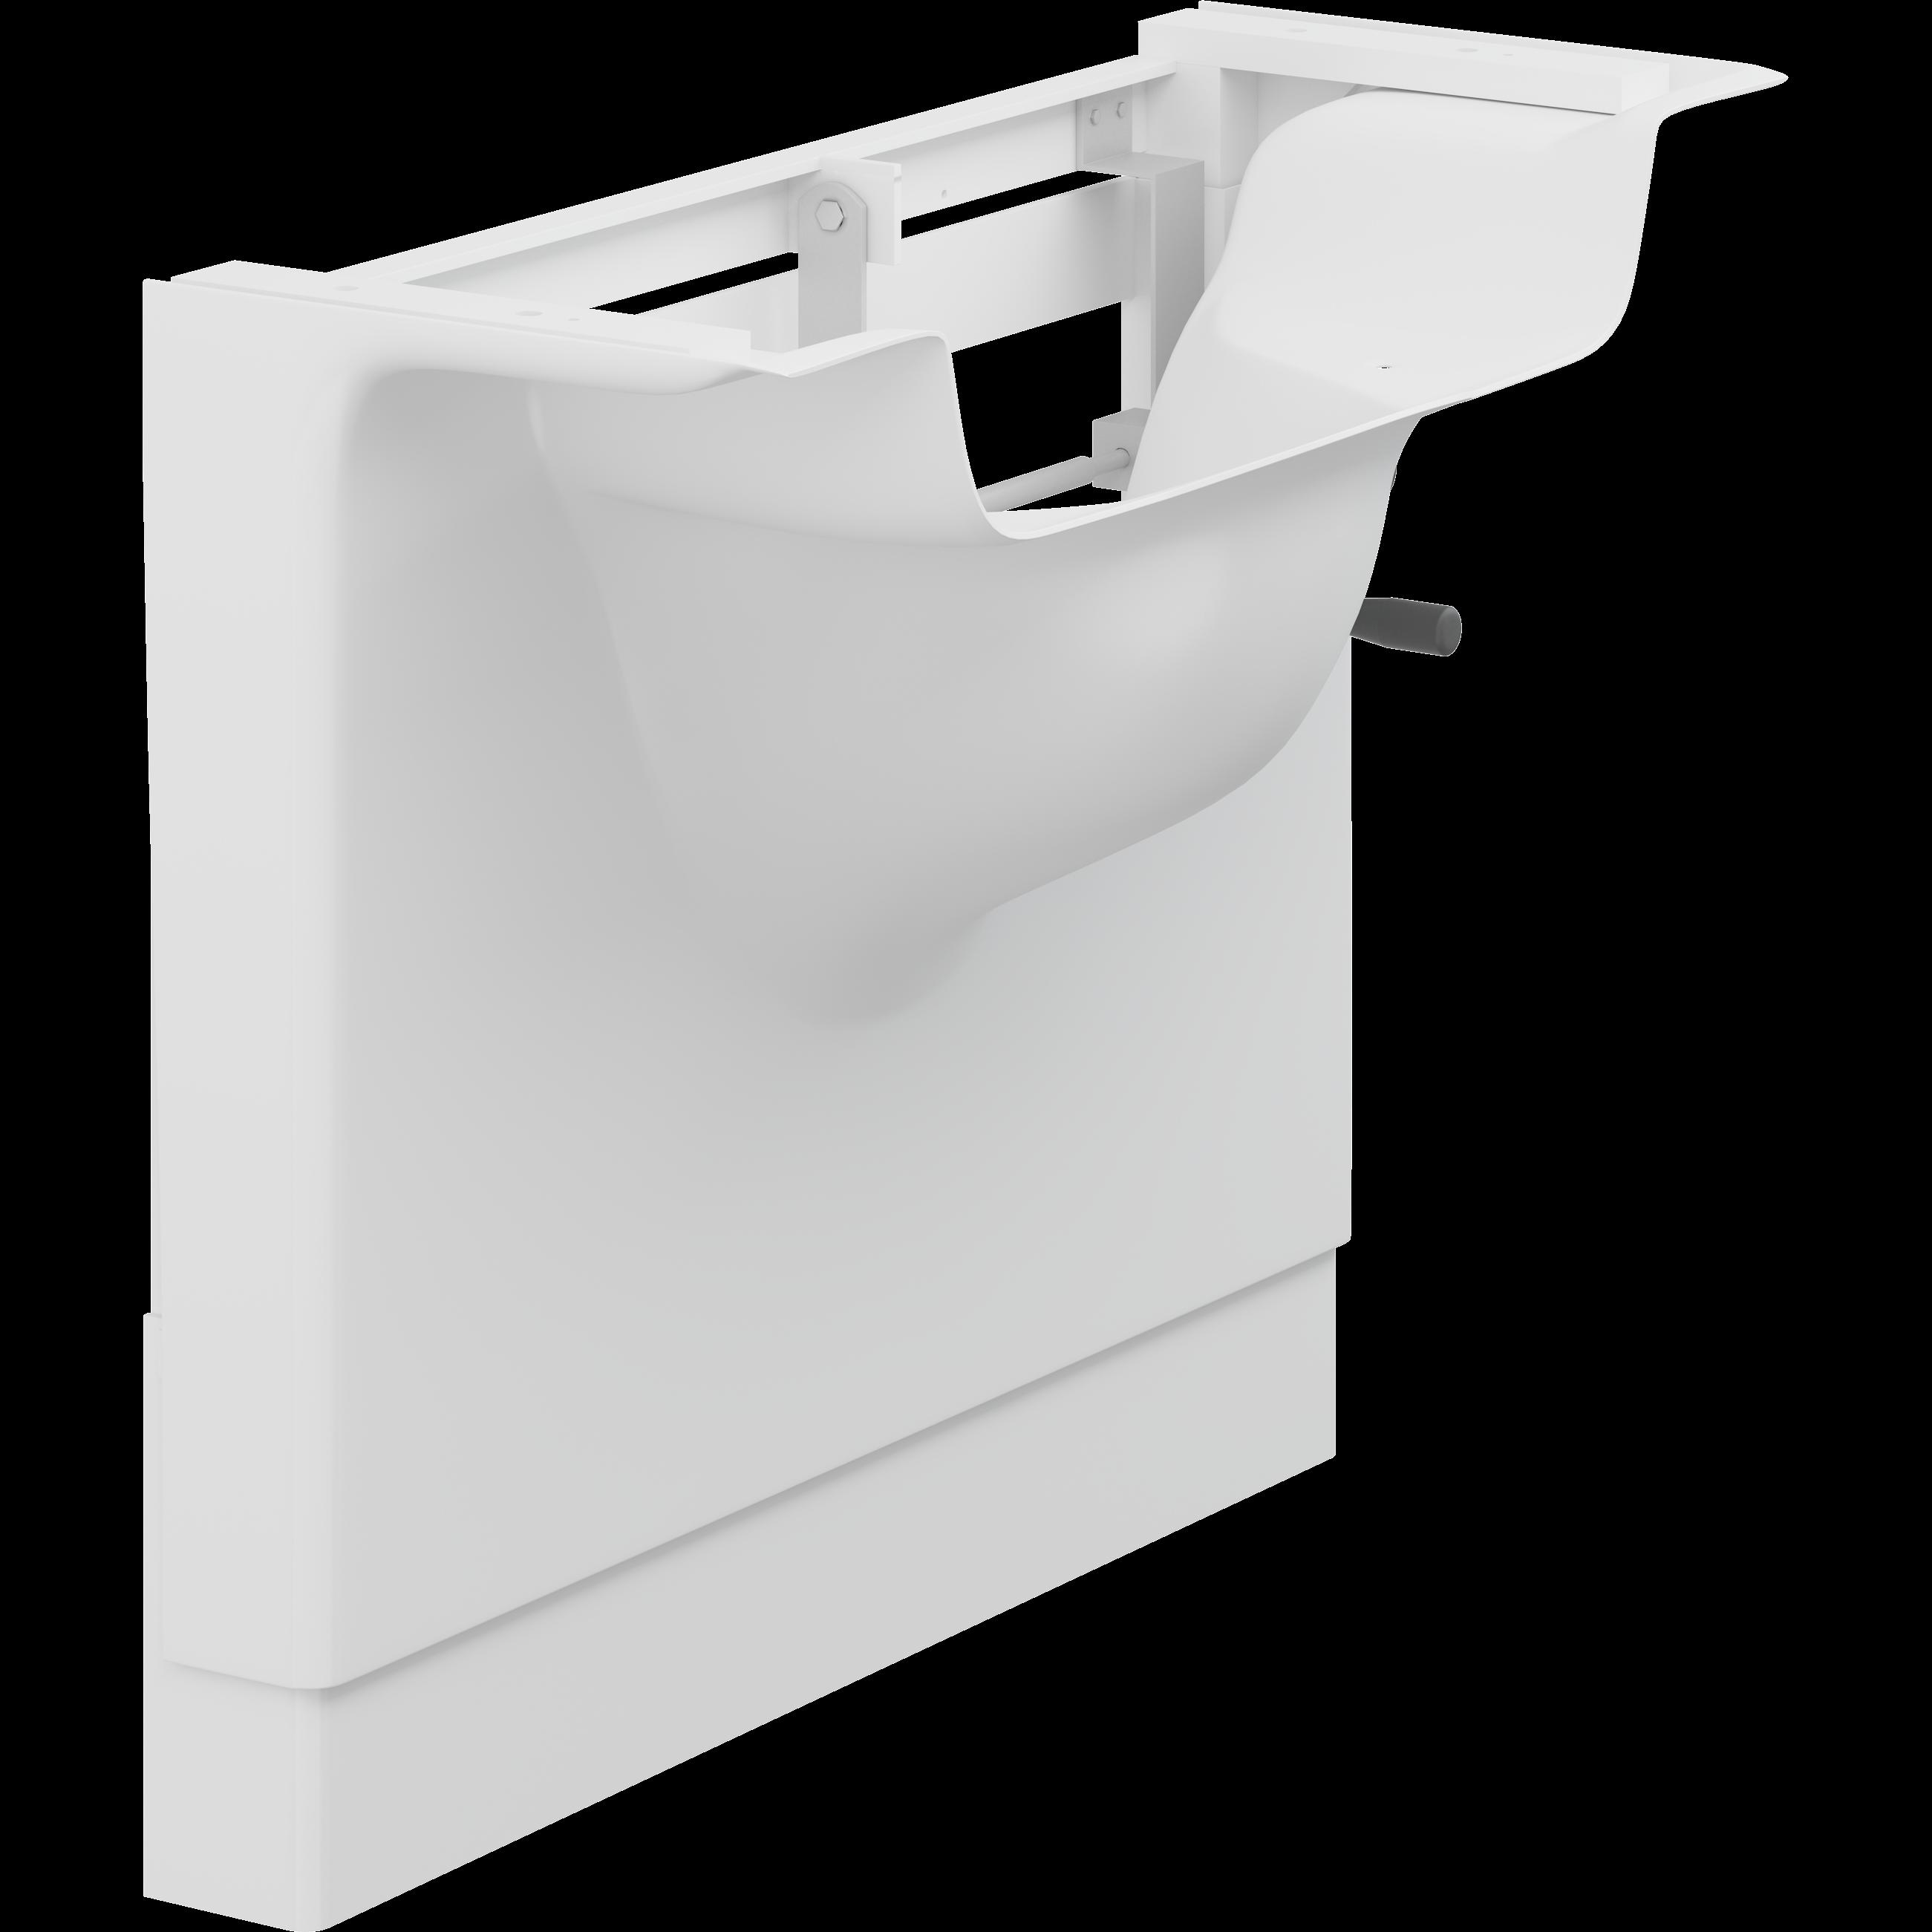 MATRIX manuell upphängning till tvättställ